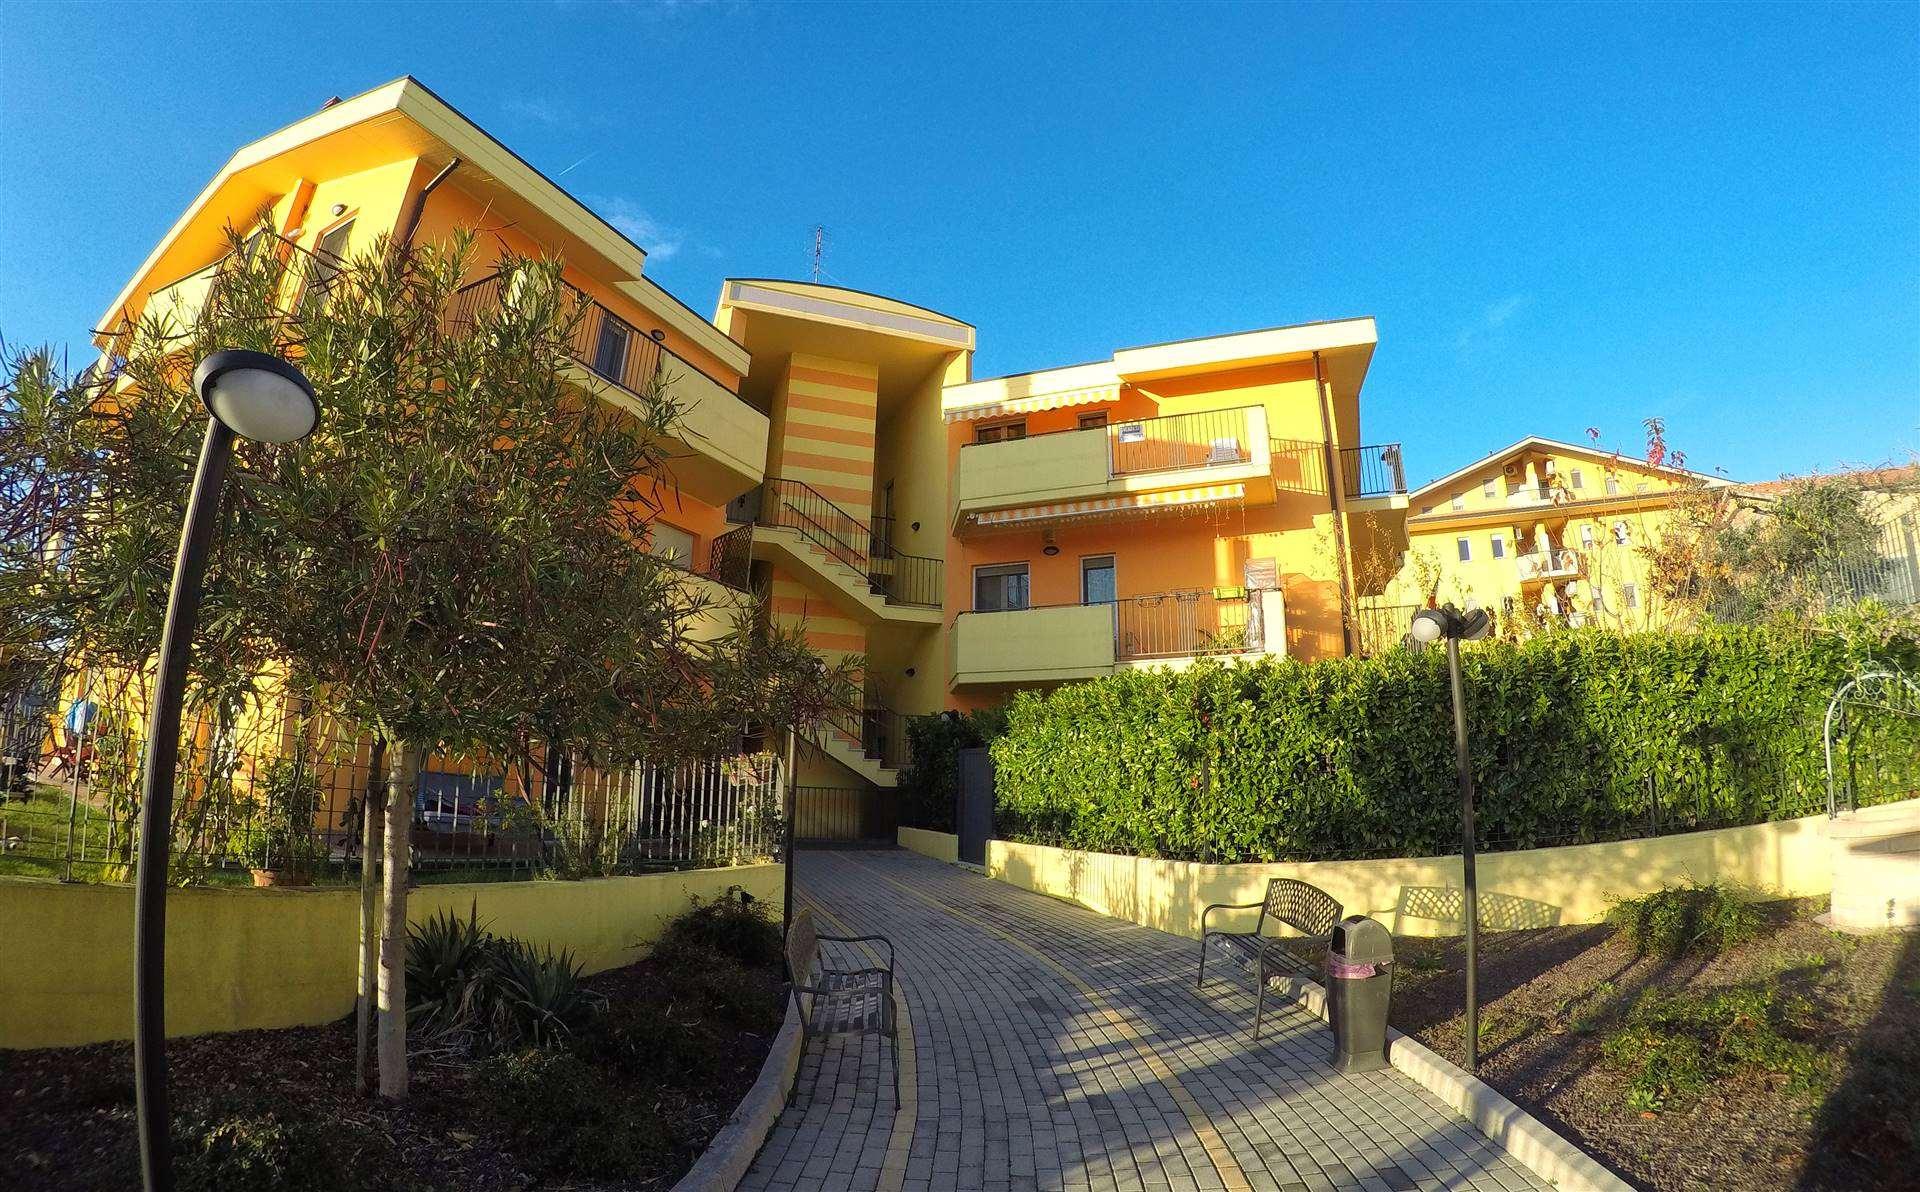 Appartamento in vendita a Castel Frentano, 6 locali, prezzo € 138.000   CambioCasa.it